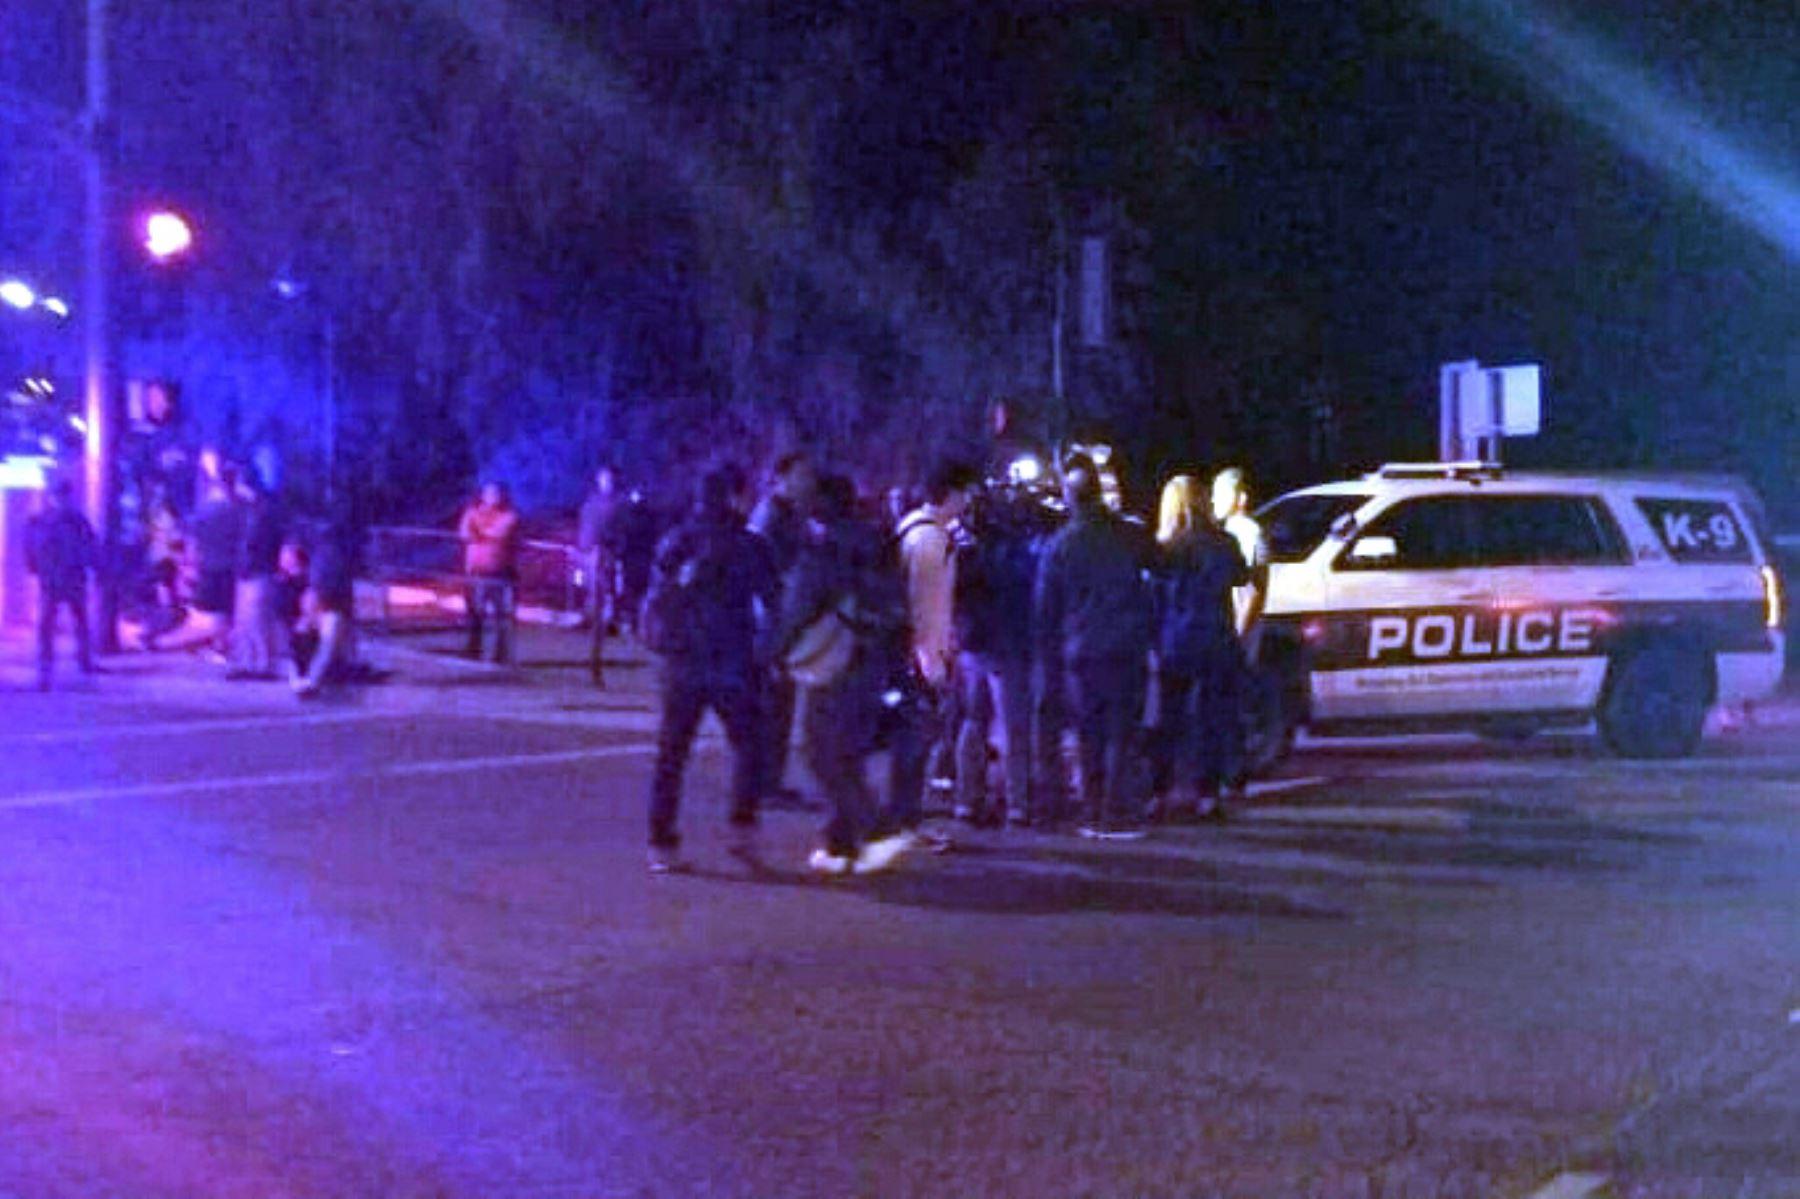 Los autos de la policía se ven afuera de un bar de música country y salón de baile en Thousand Oaks, al oeste de Los Ángeles, luego de que un hombre armado irrumpió en un lugar grande y lleno de gente que abrió fuego el 7 de noviembre de 2018, matando al menos a 11 personas, dijo la policía estadounidense. AFP